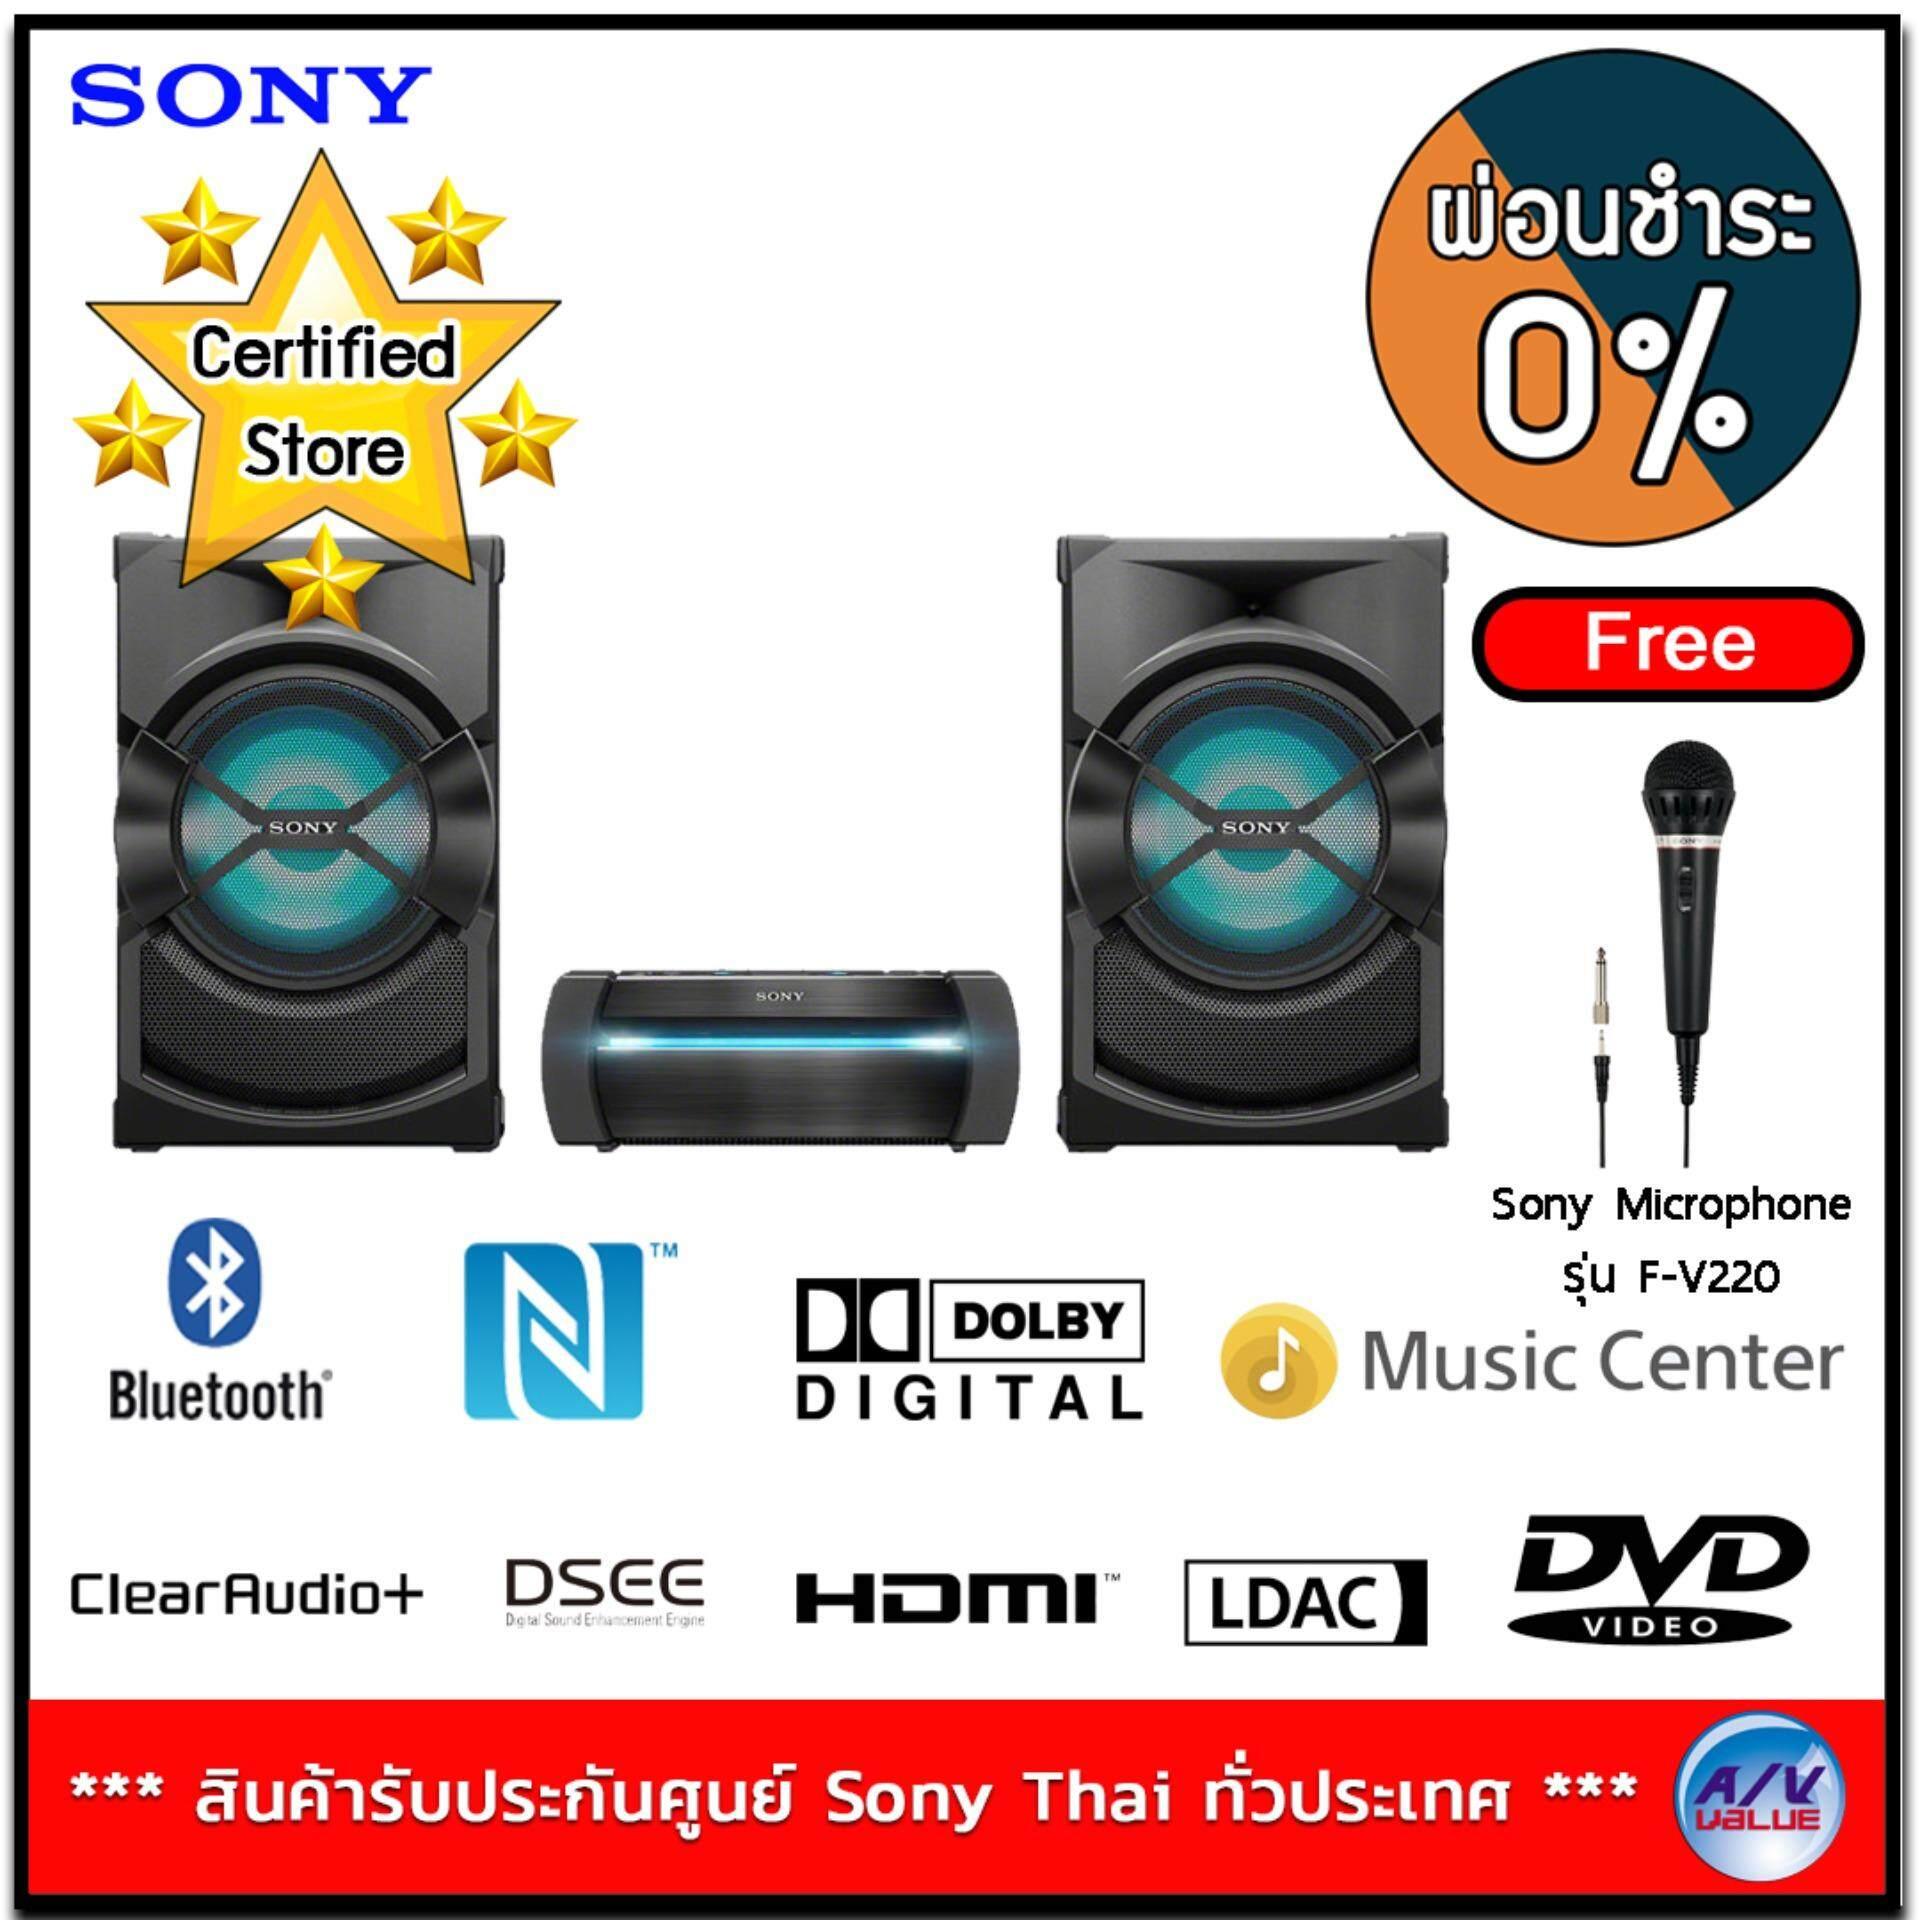 สอนใช้งาน  เชียงใหม่ SONY รุ่น SHAKE-X30D เครื่องเสียง 3-BOX เบสหนัก พลังกระหึ่ม (Free: Sony Microphone รุ่น F-V220)